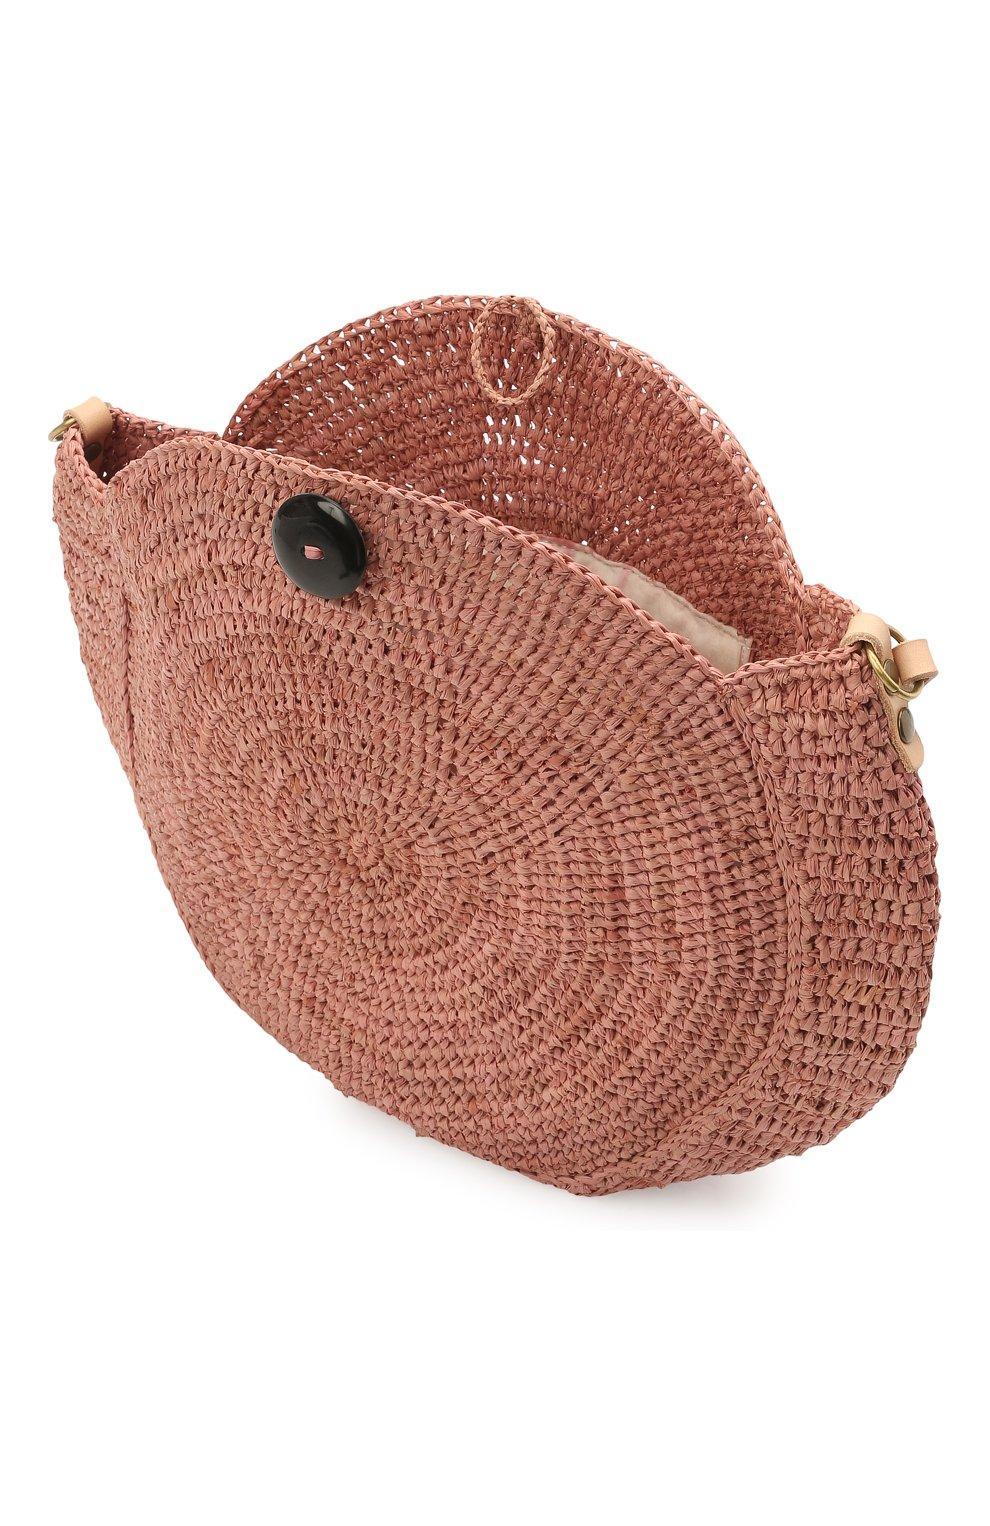 Женская сумка nova small SANS-ARCIDET коричневого цвета, арт. N0VA BAG MA-C S21/XS   Фото 4 (Сумки-технические: Сумки через плечо; Материал: Растительное волокно; Ремень/цепочка: На ремешке; Размер: small)